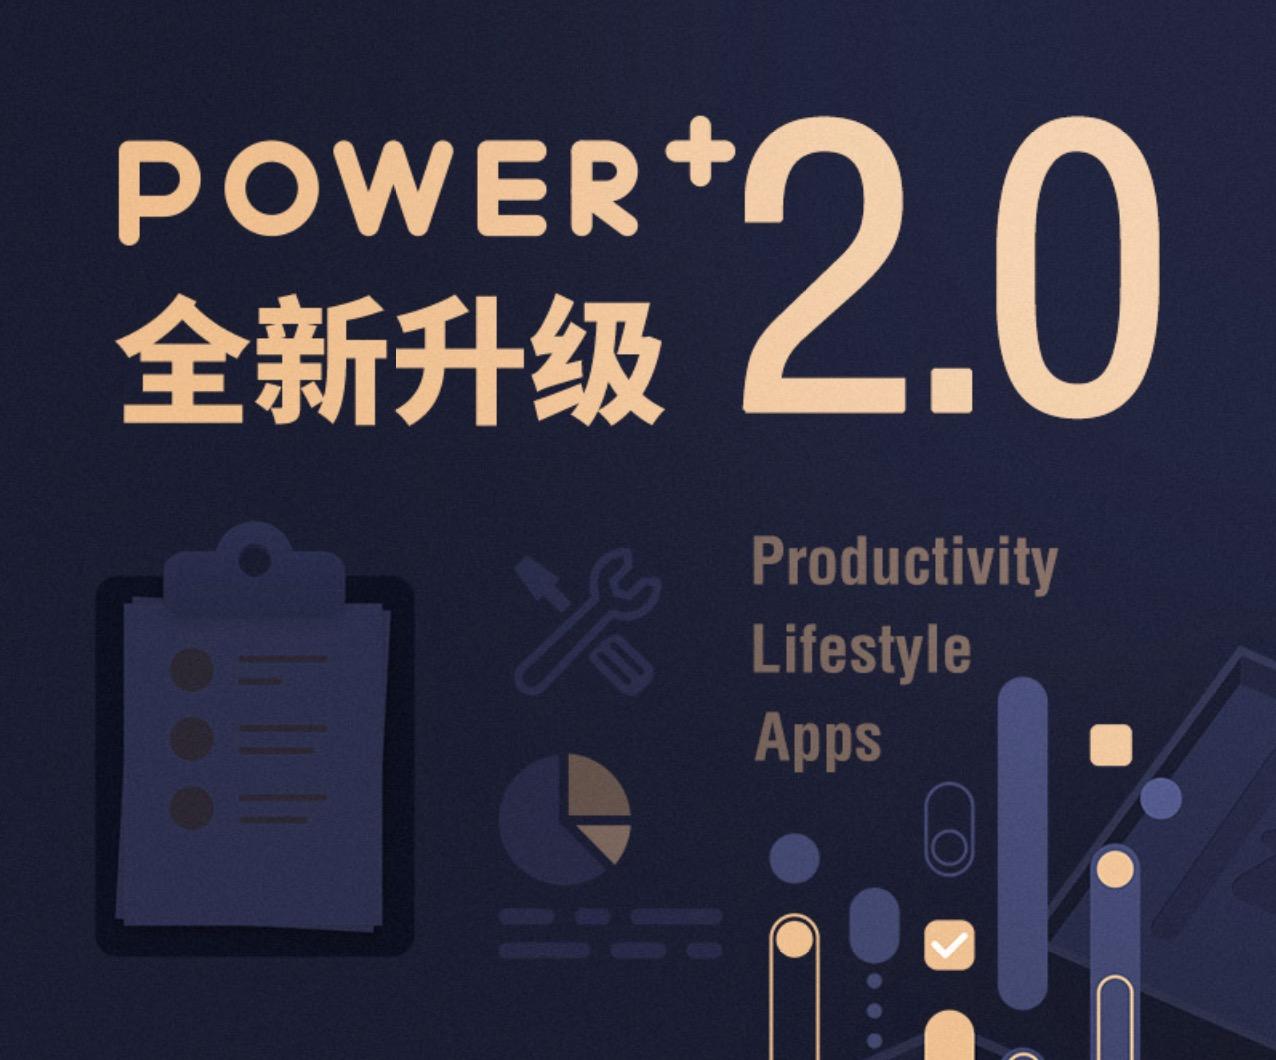 少数派付费专栏Power+1.0和Power+2.0系列课程